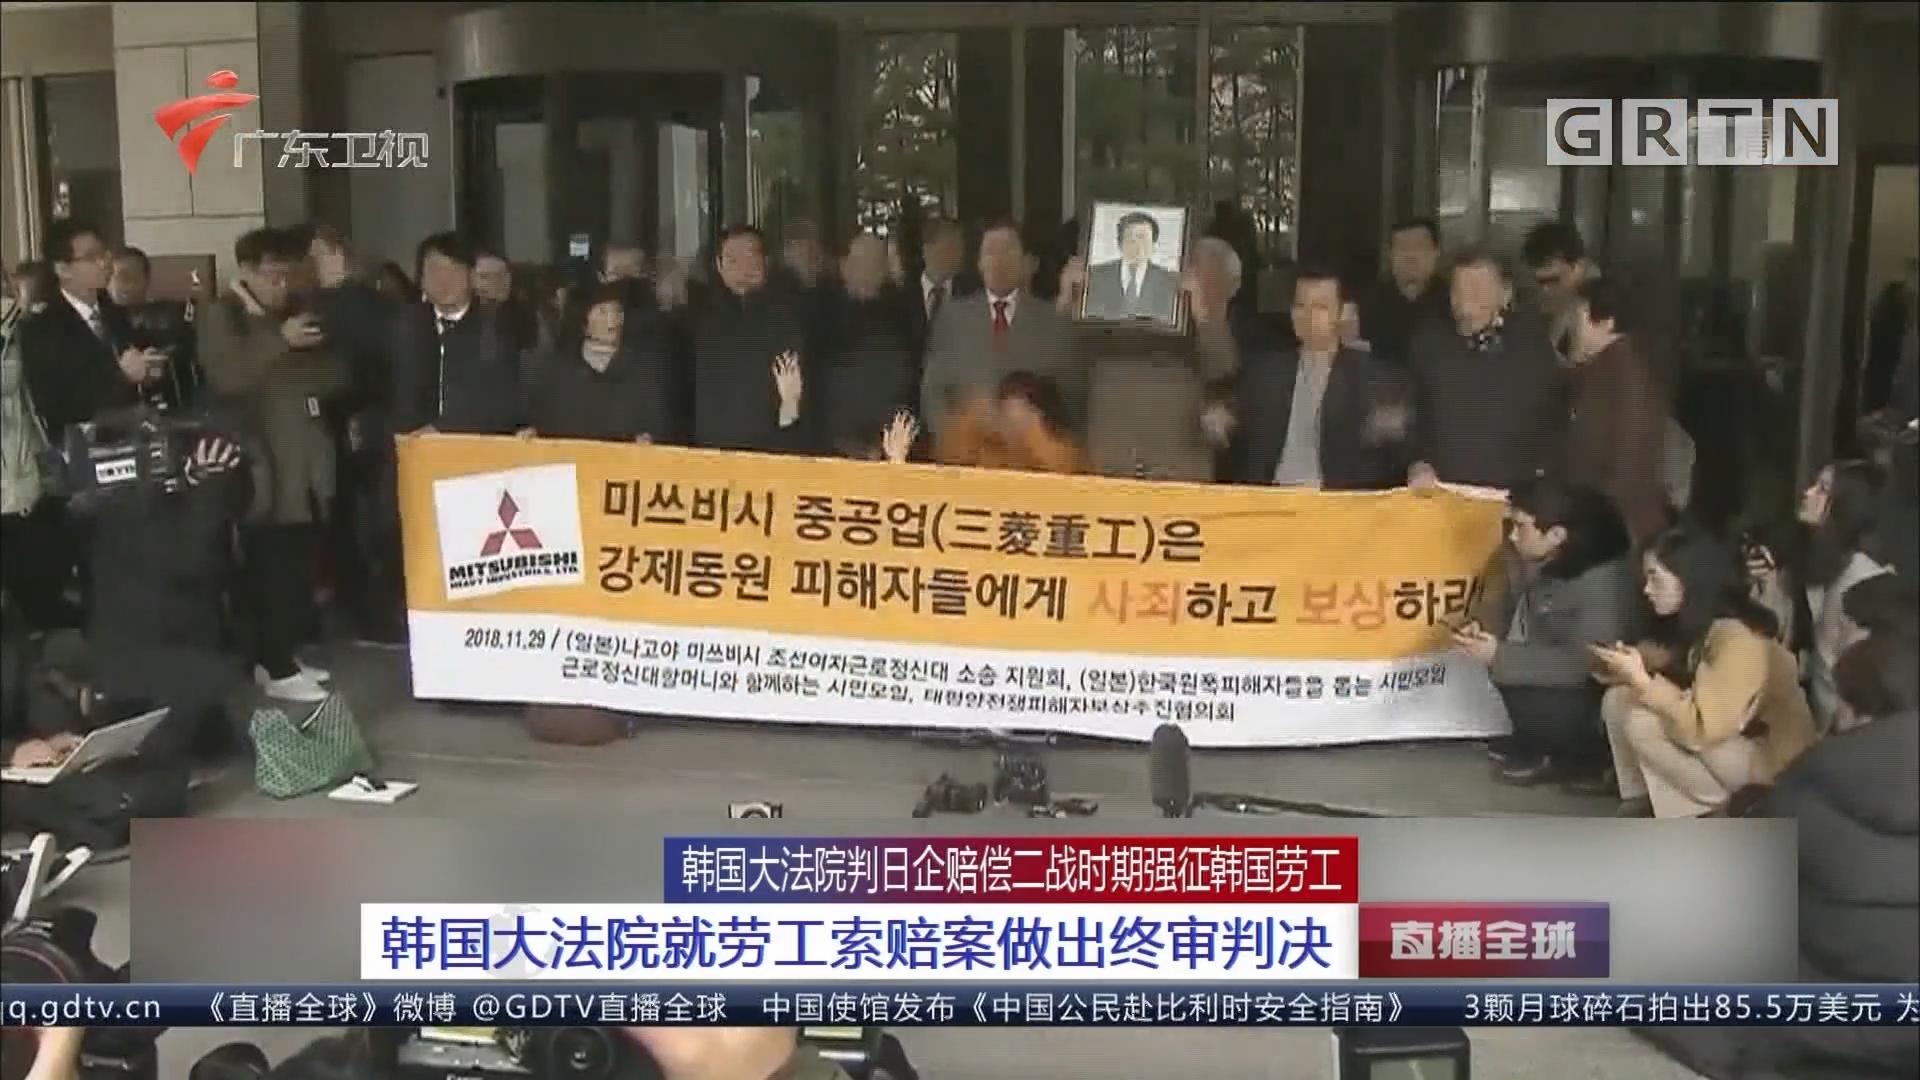 韩国大法院判日企赔偿二战时期强征韩国劳工:韩国大法院就劳工索赔案做出终审判决